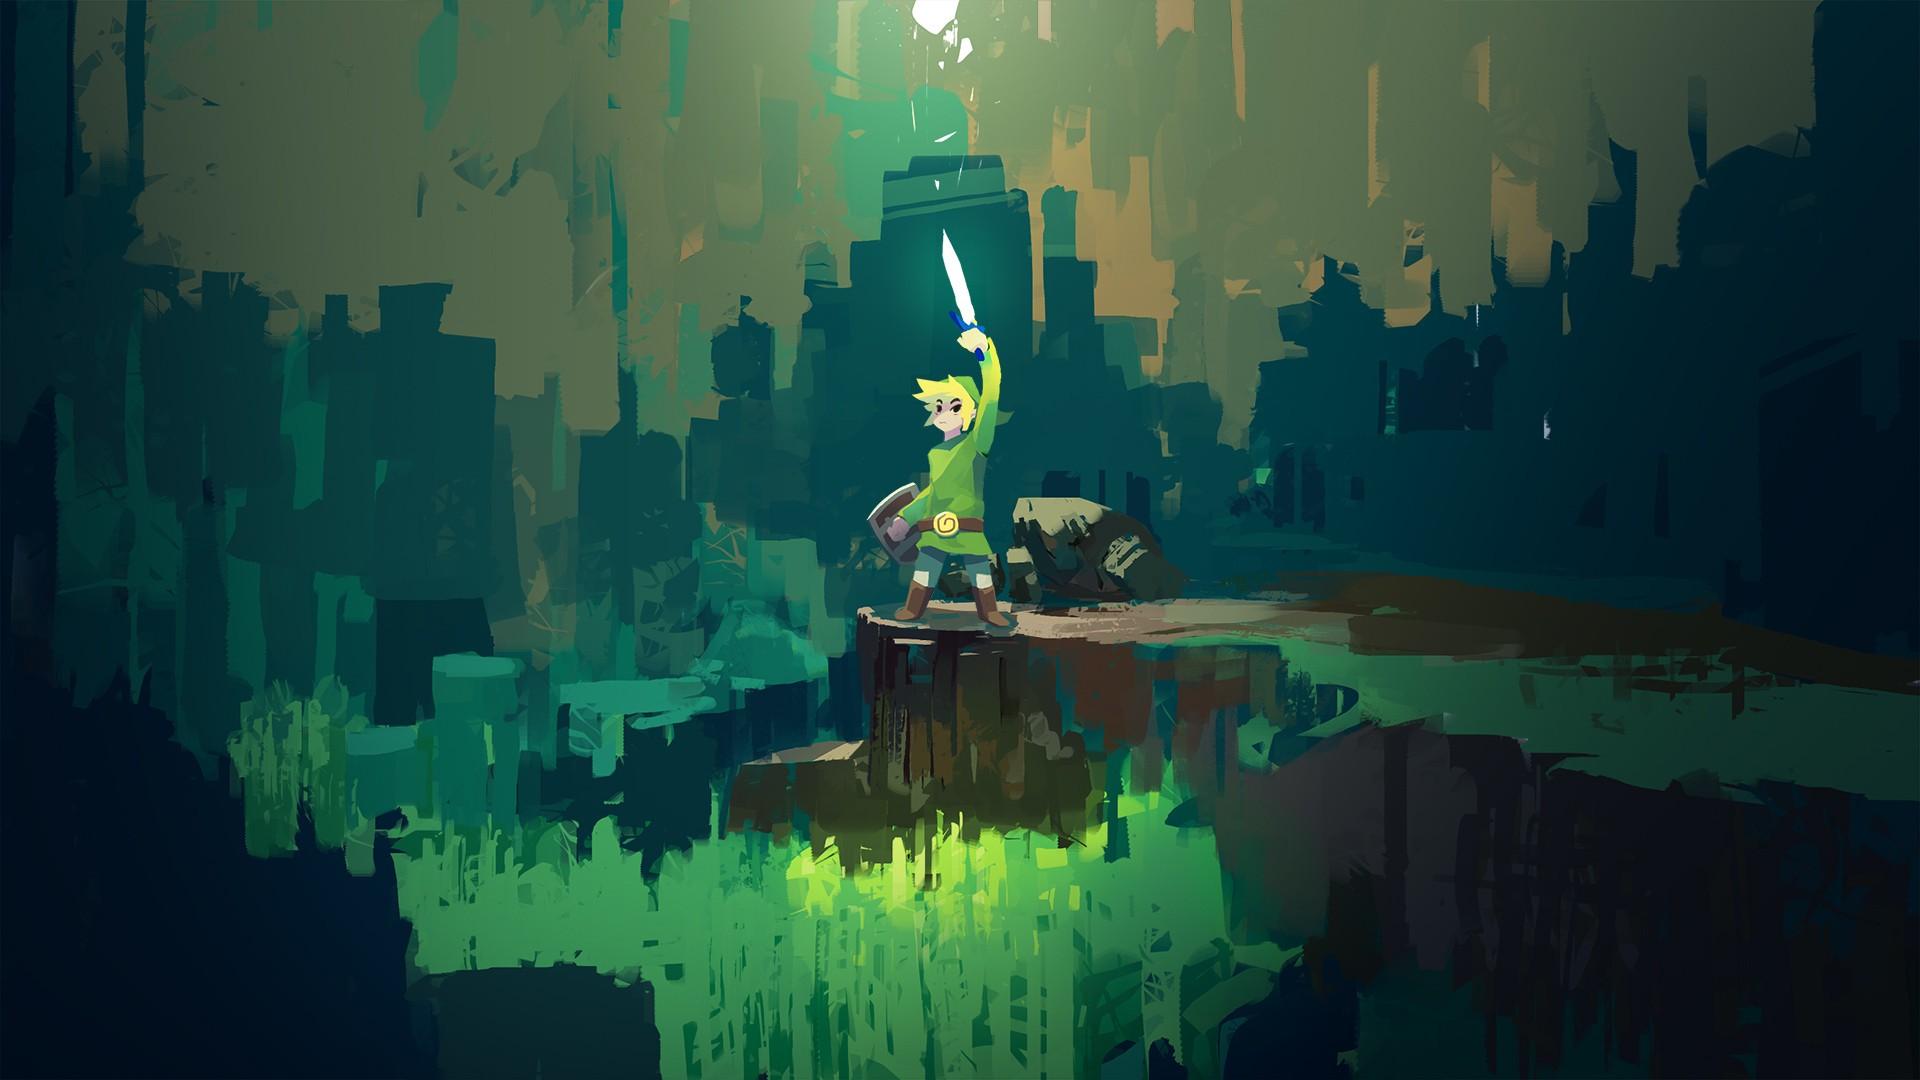 Zelda 1.1.1 patch download download